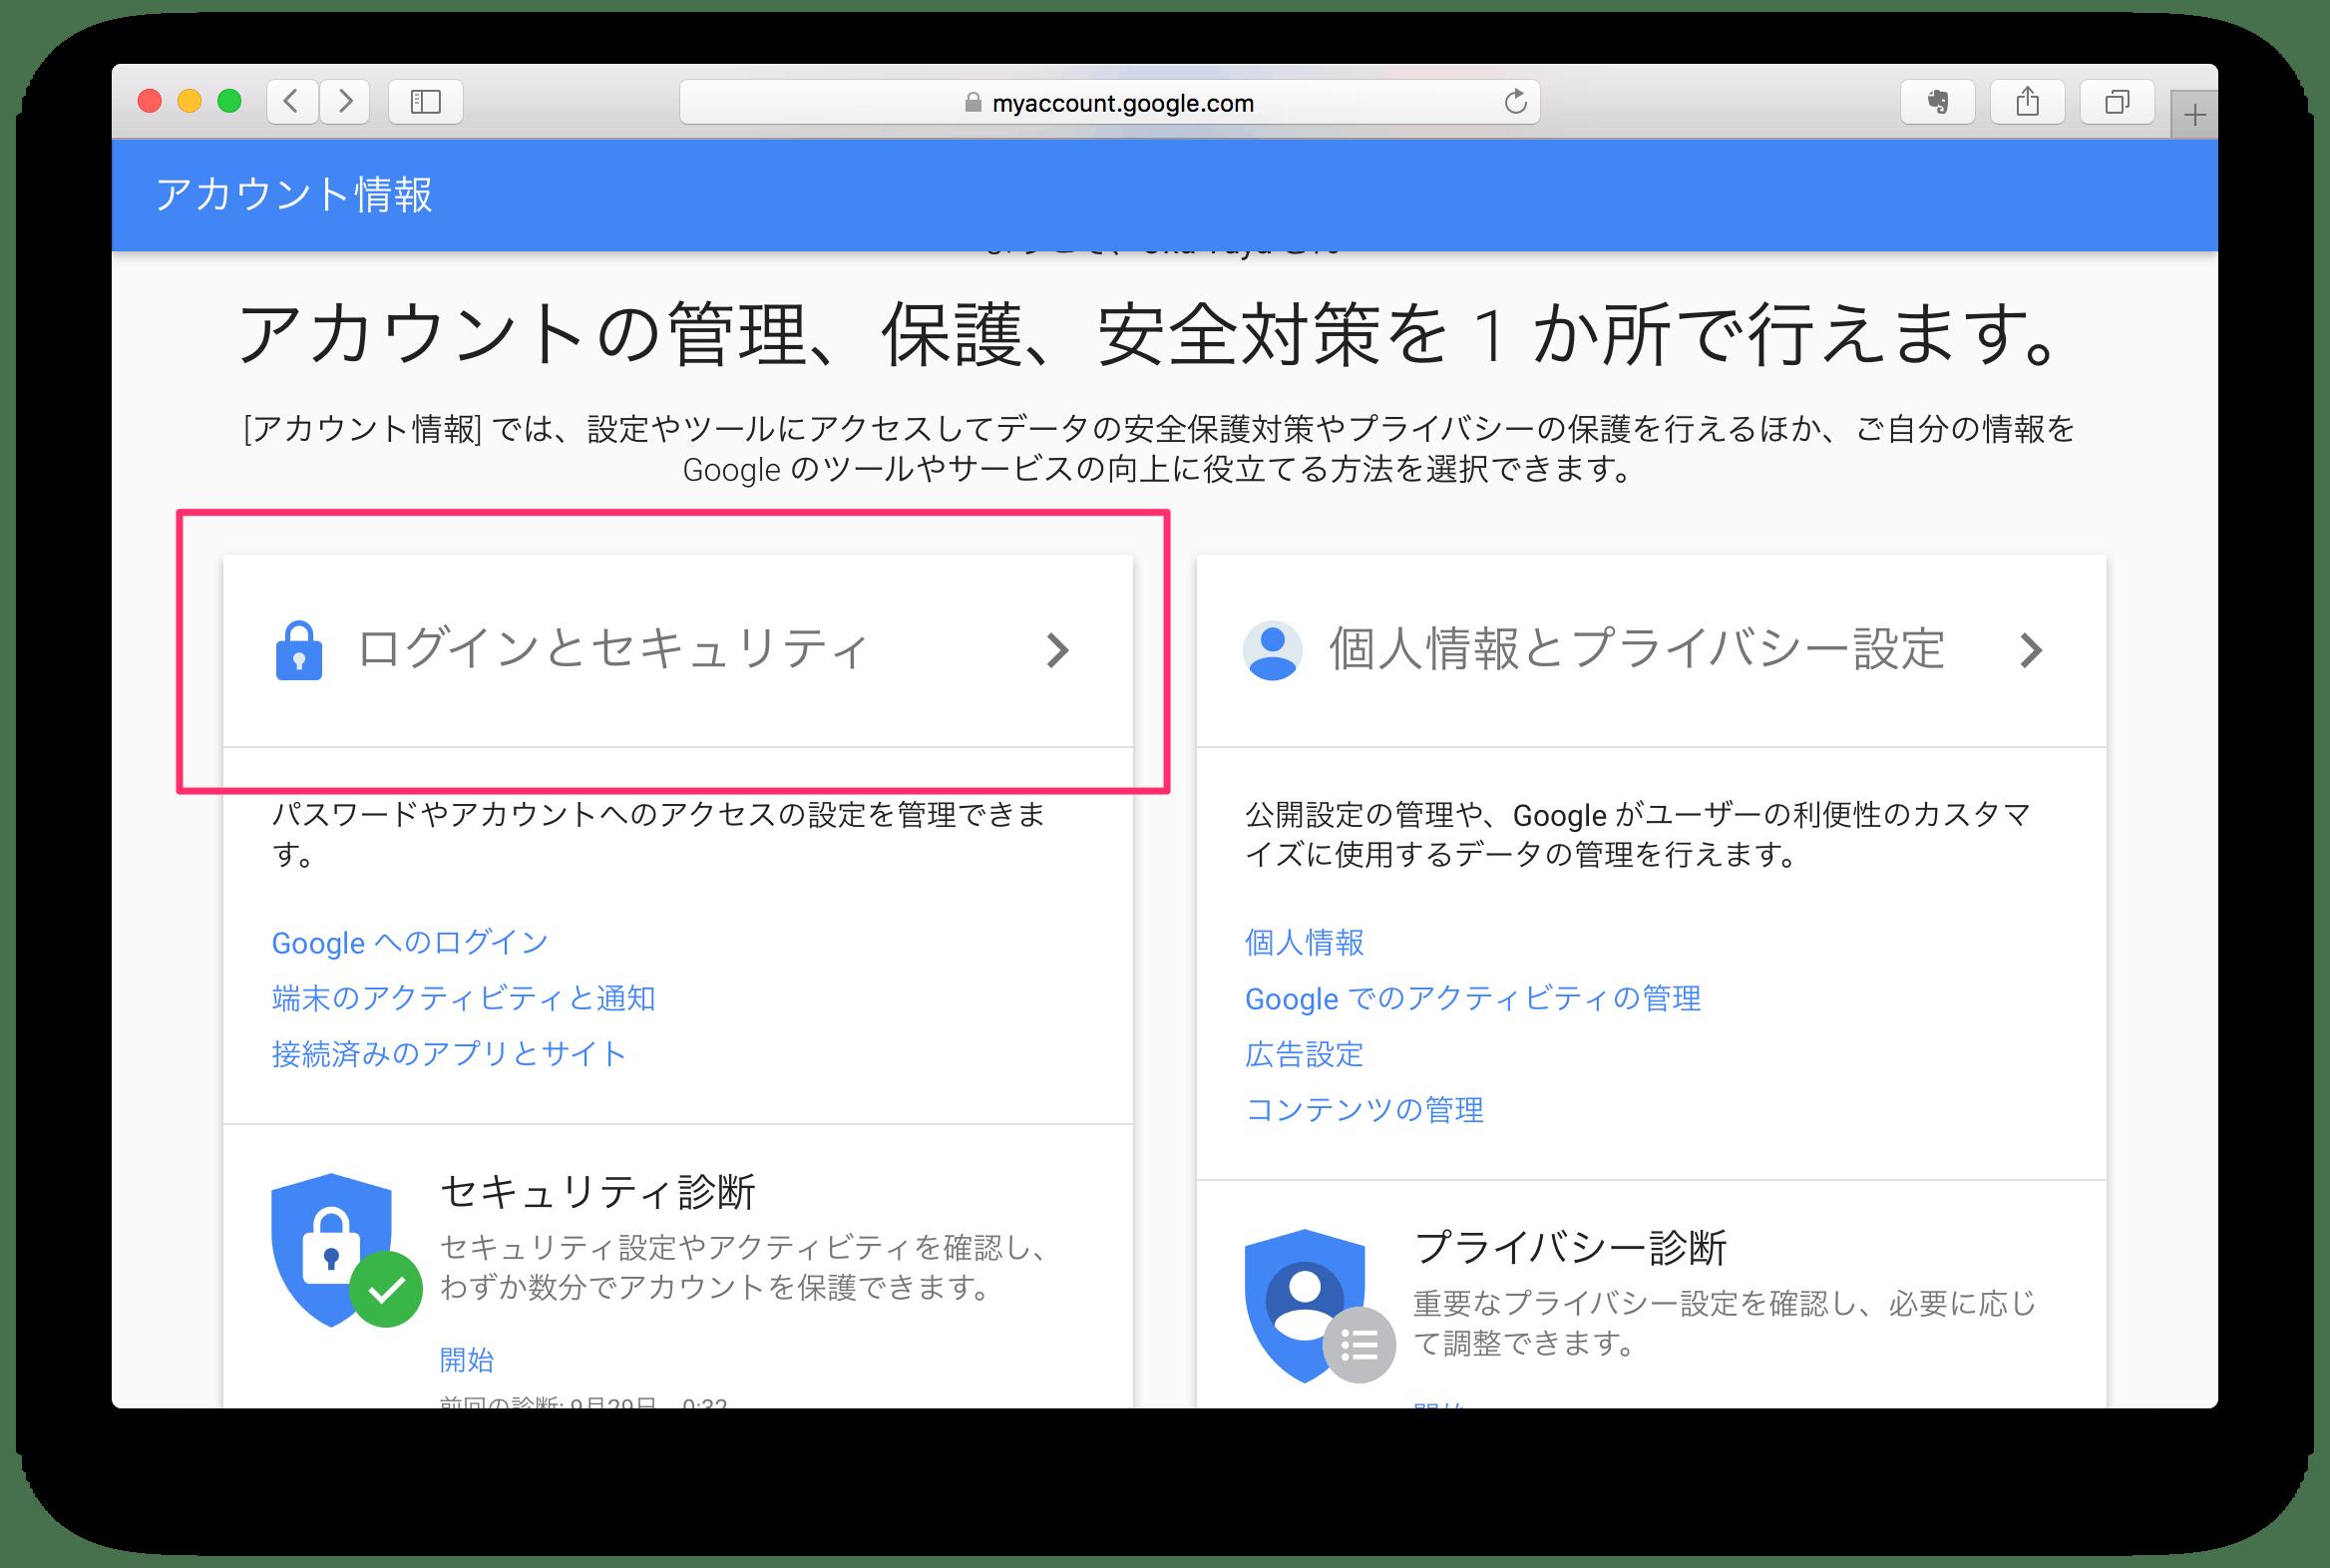 スクリーンショット_2016-10-01_午前2_53_06.png